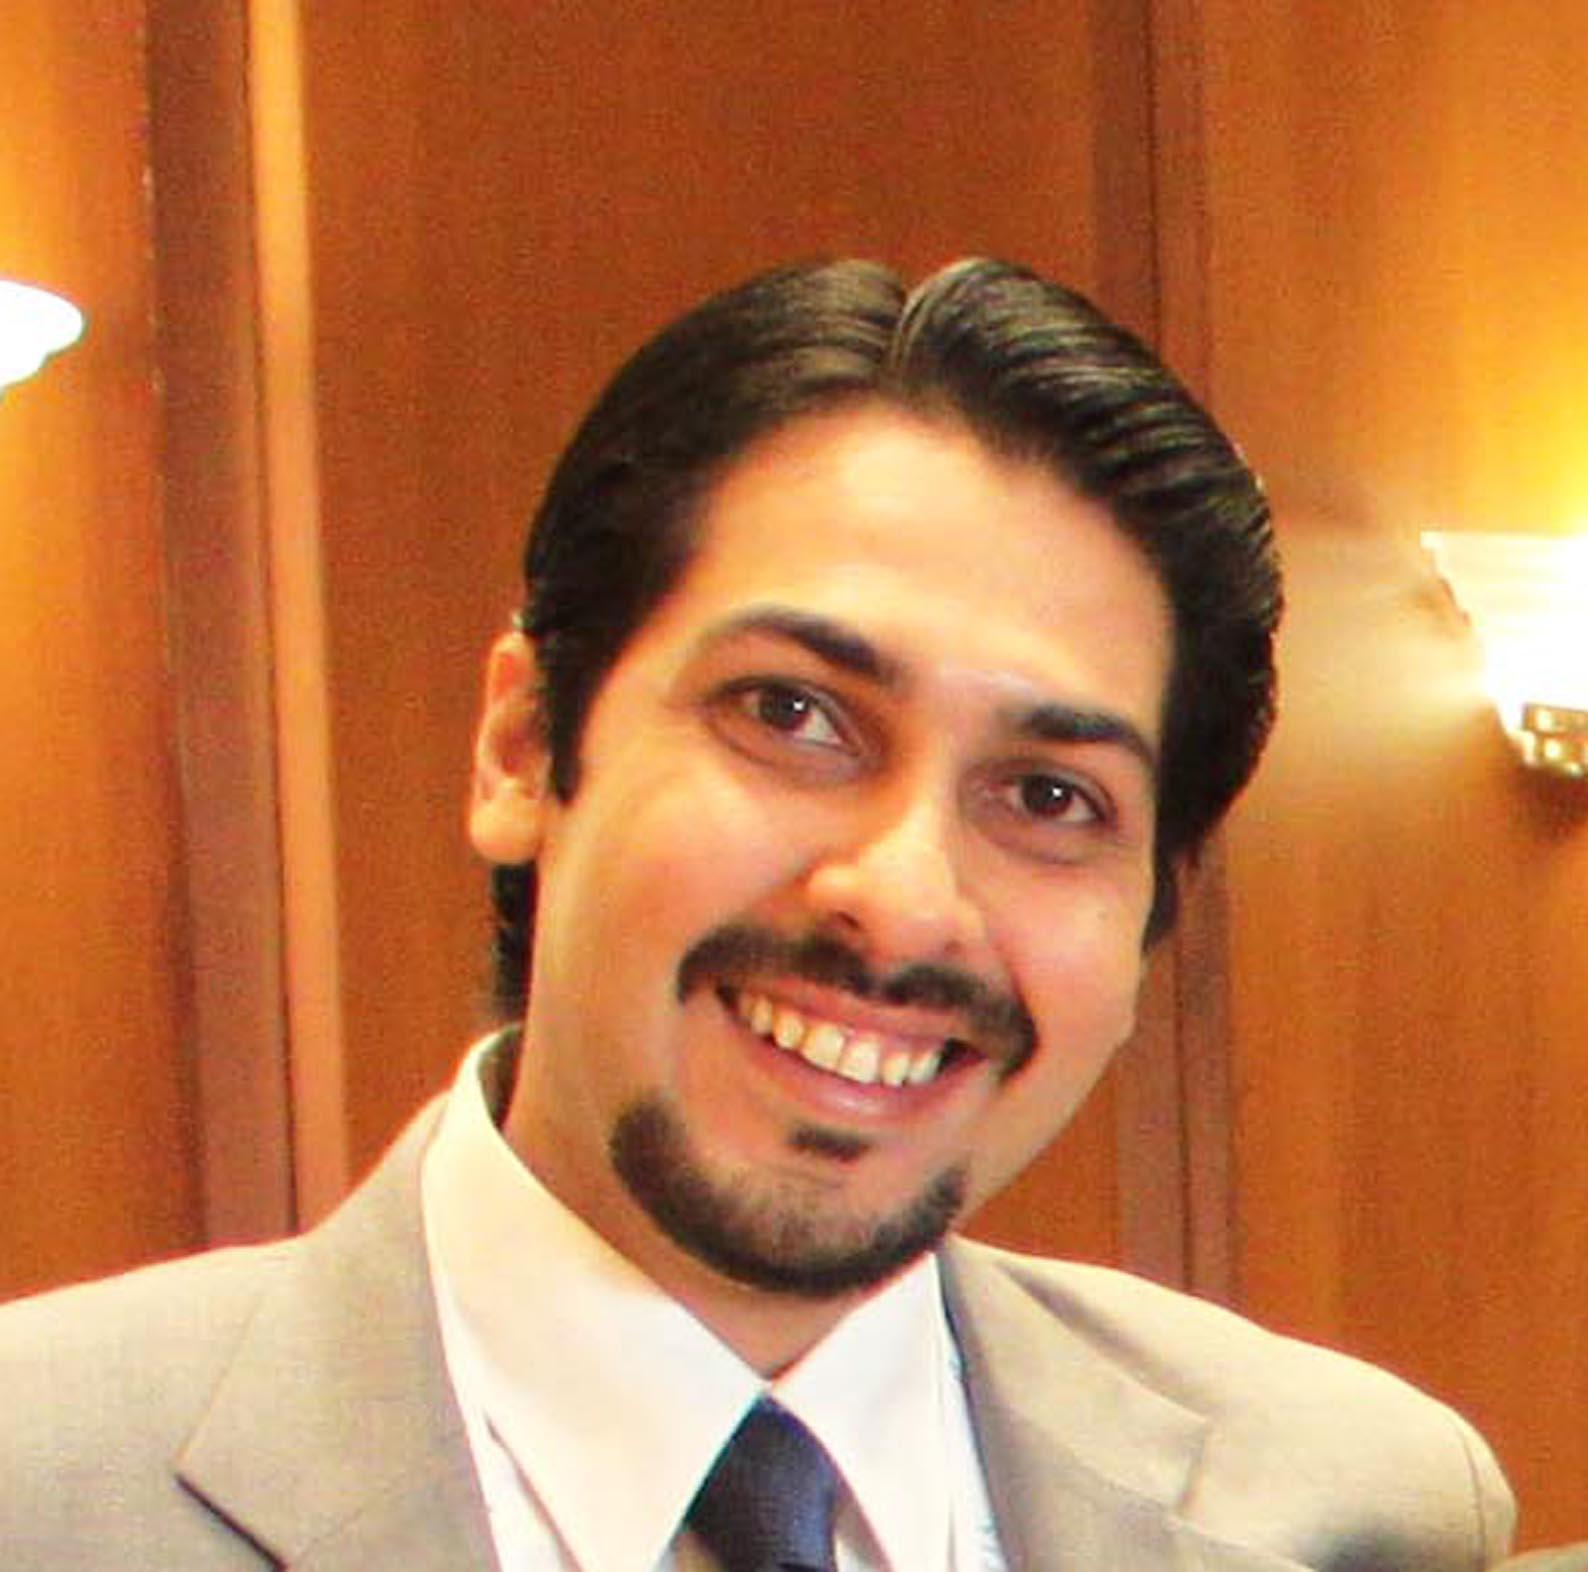 Dr. Rajat Kandhari - Dermatologist